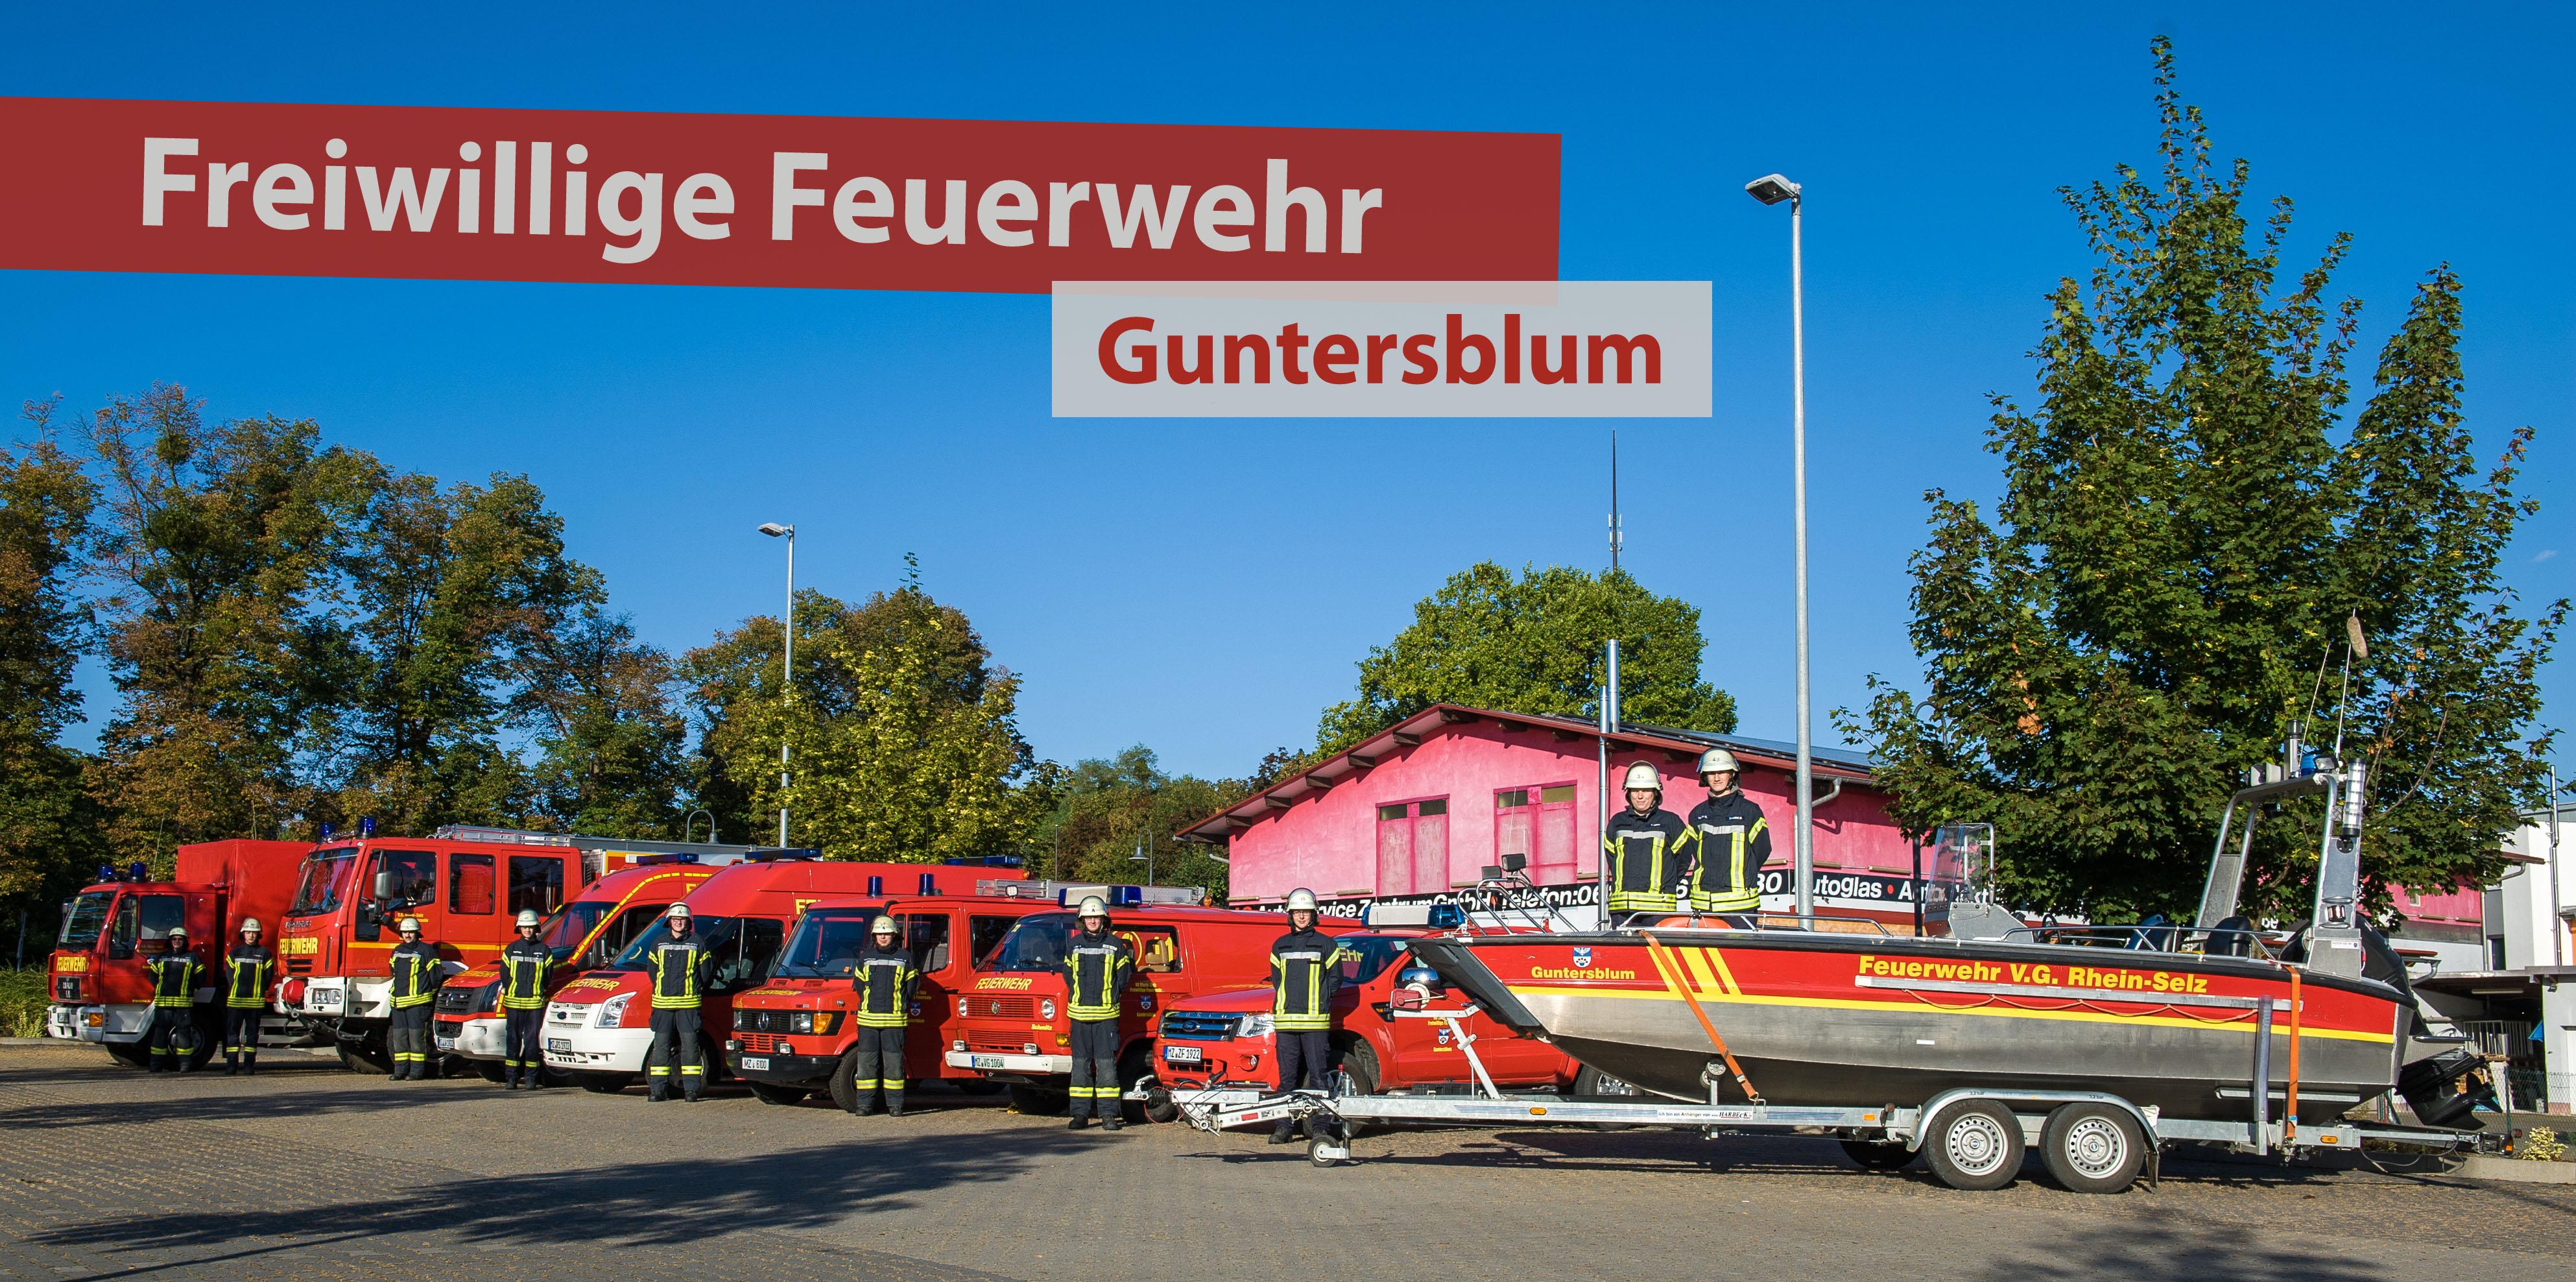 Feuerwehr Guntersblum